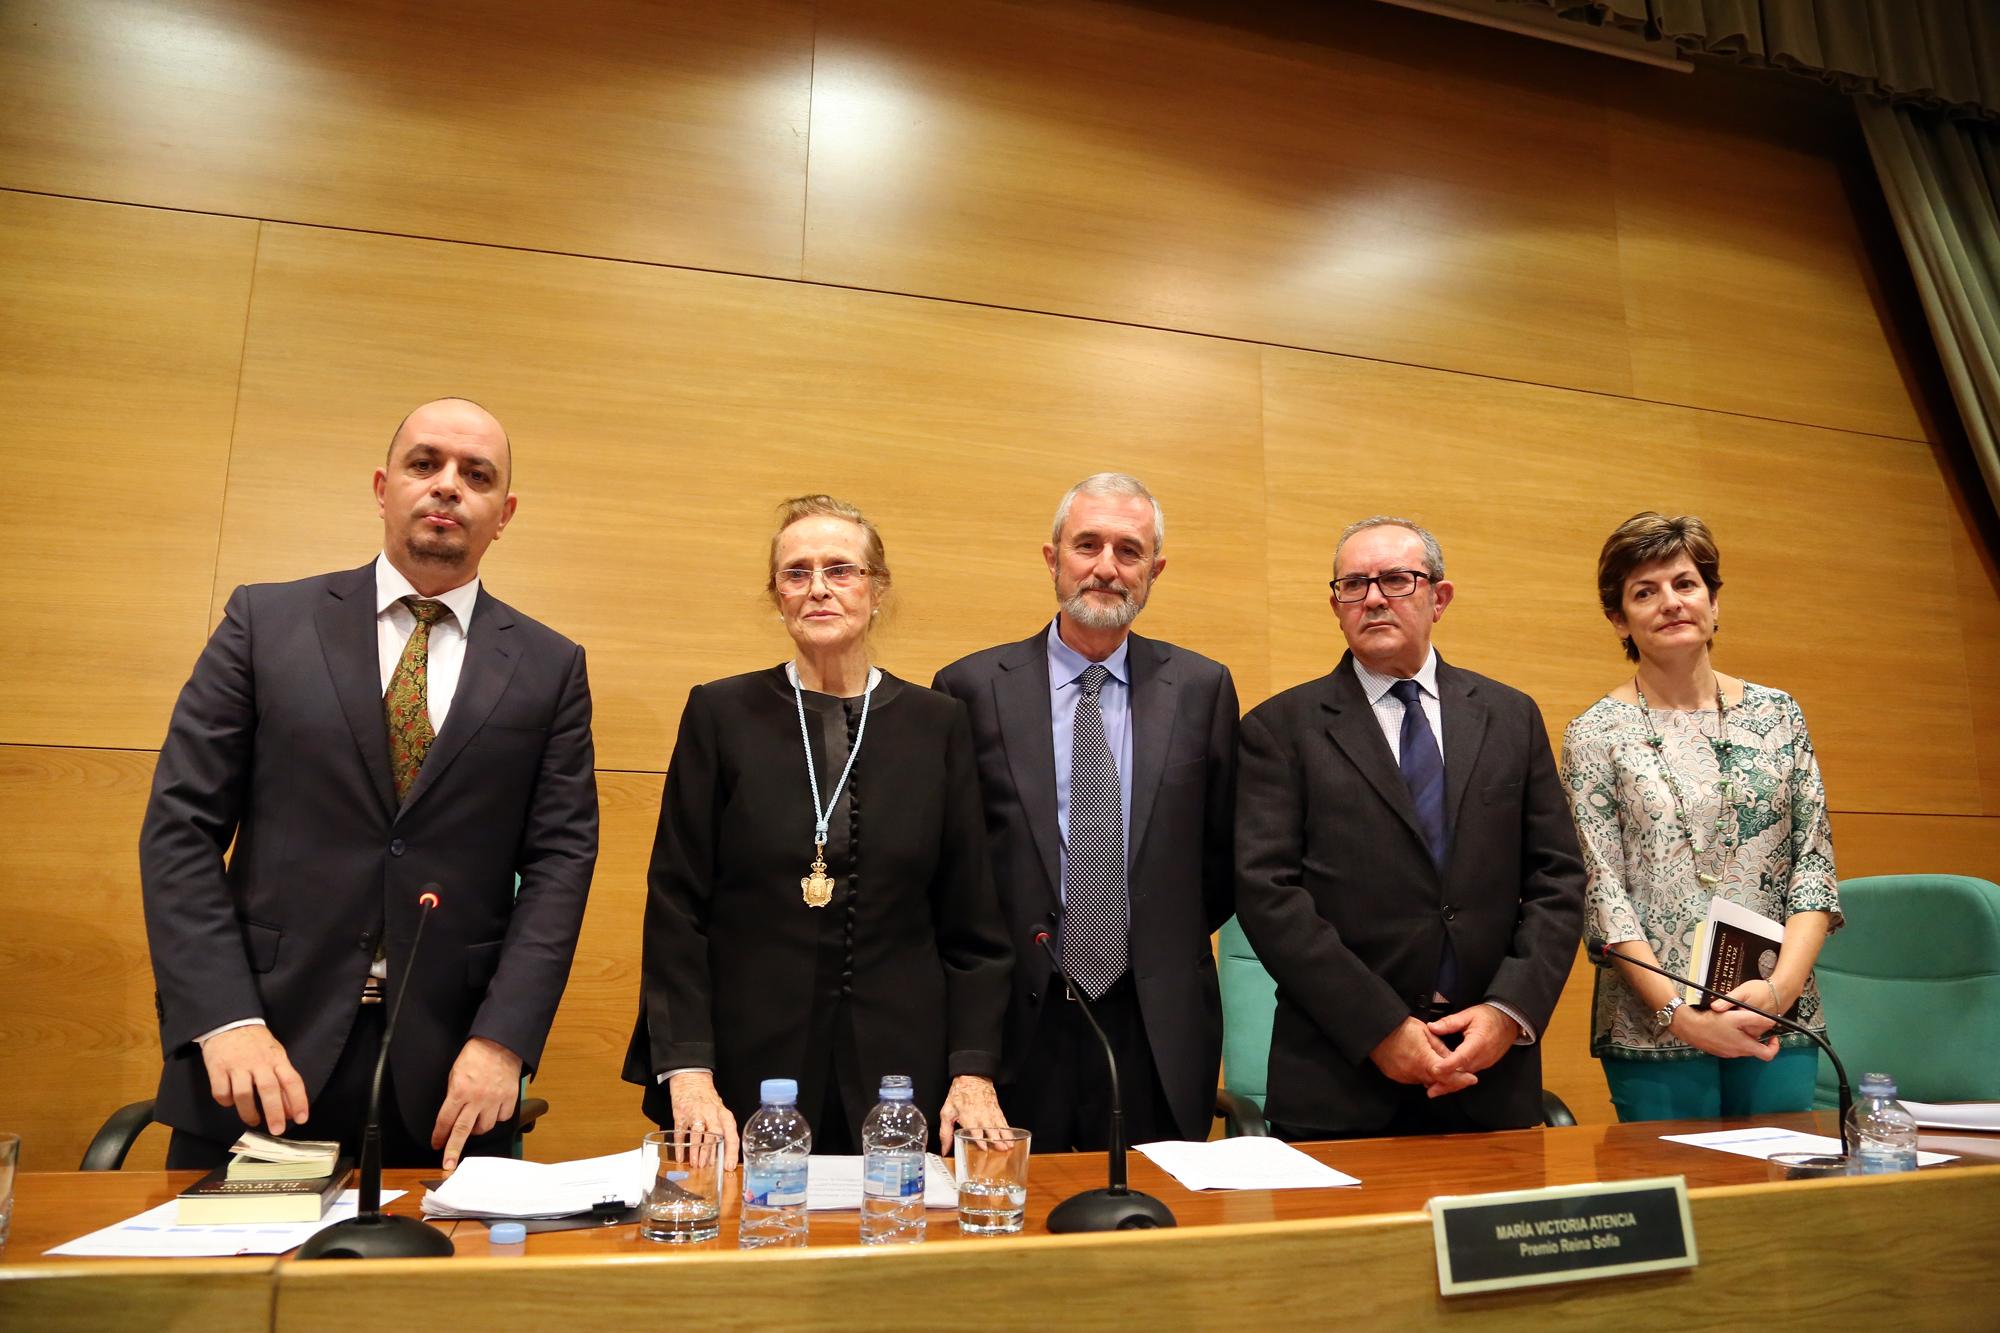 El programa cultural del XXIII Premio Reina Sofía de Poesía Iberoamericana concluye con un acto académico en la Universidad de Málaga